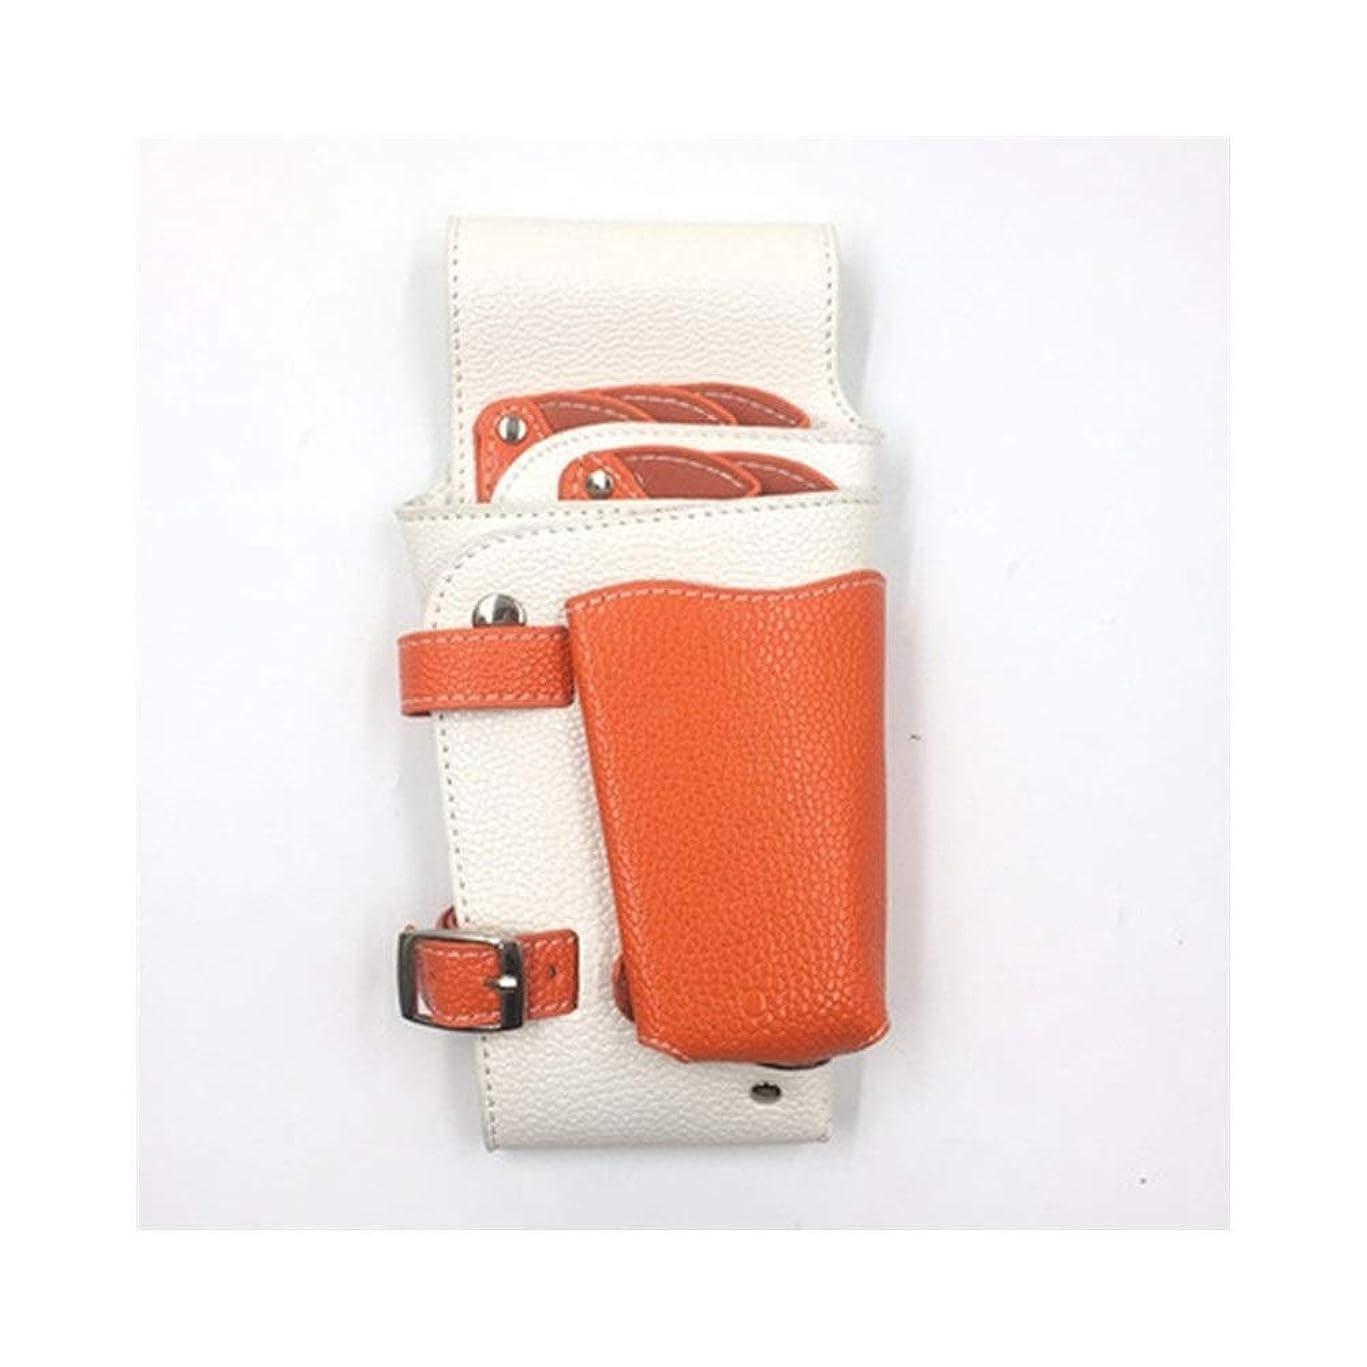 年金笑ステッチJPAKIOS 大広間の美容理髪の袋、ベルトが付いている毛のキットの付属品袋の理髪師のはさみのホルスター (色 : オレンジ)